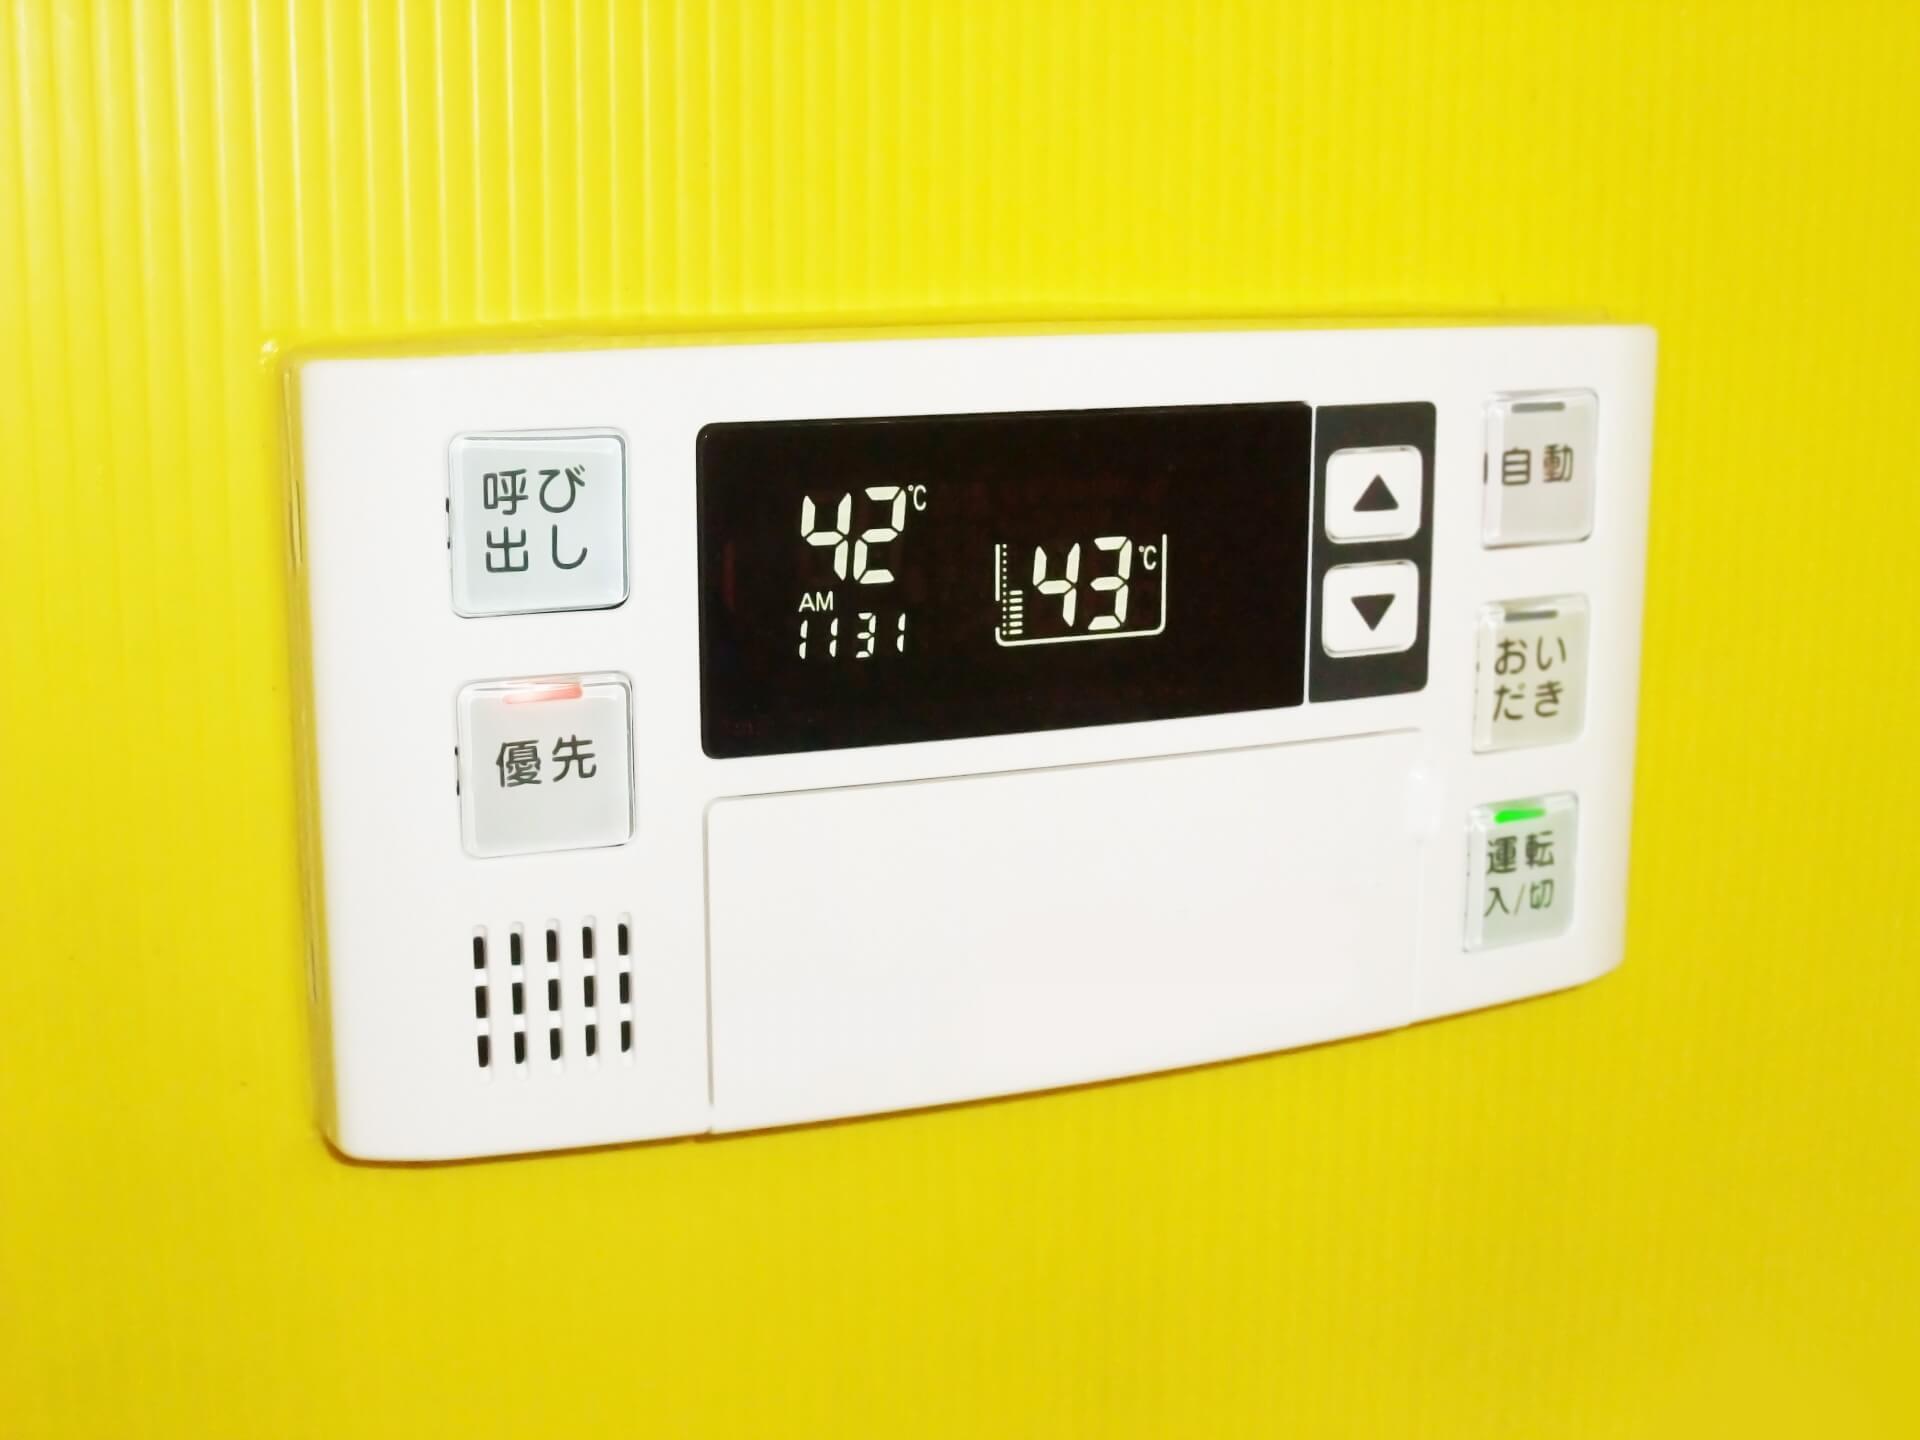 給湯器の電源は「つけたまま」「都度消す」どちらがお得?